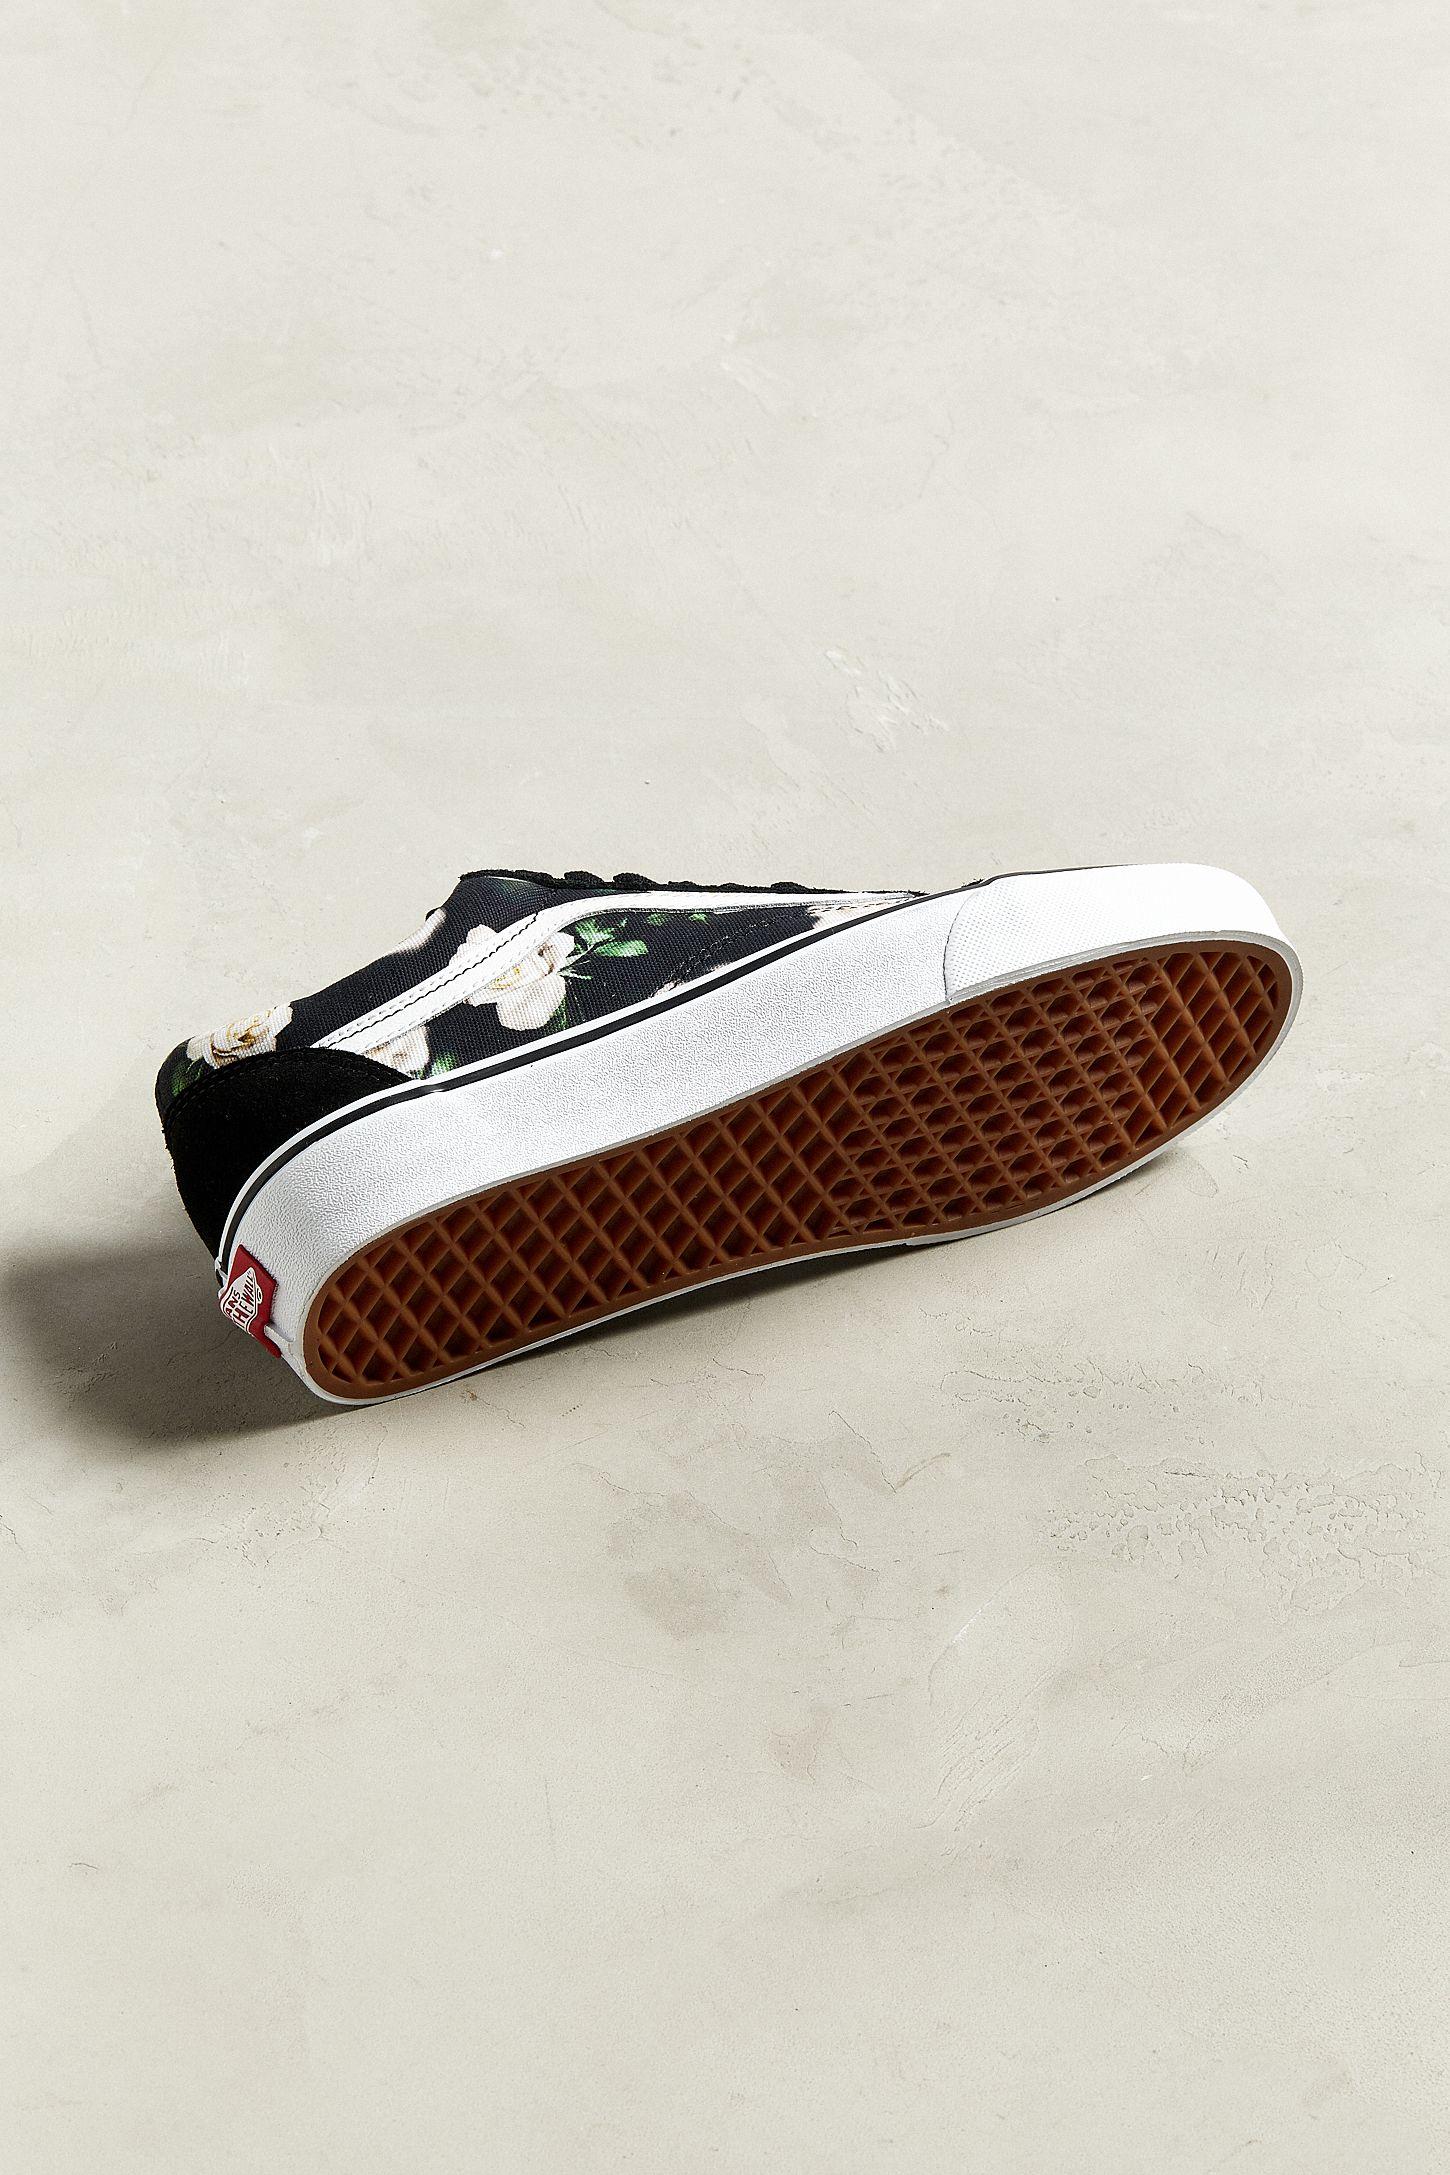 cdd83c4c8747 Slide View  6  Vans Old Skool Romantic Floral Sneaker